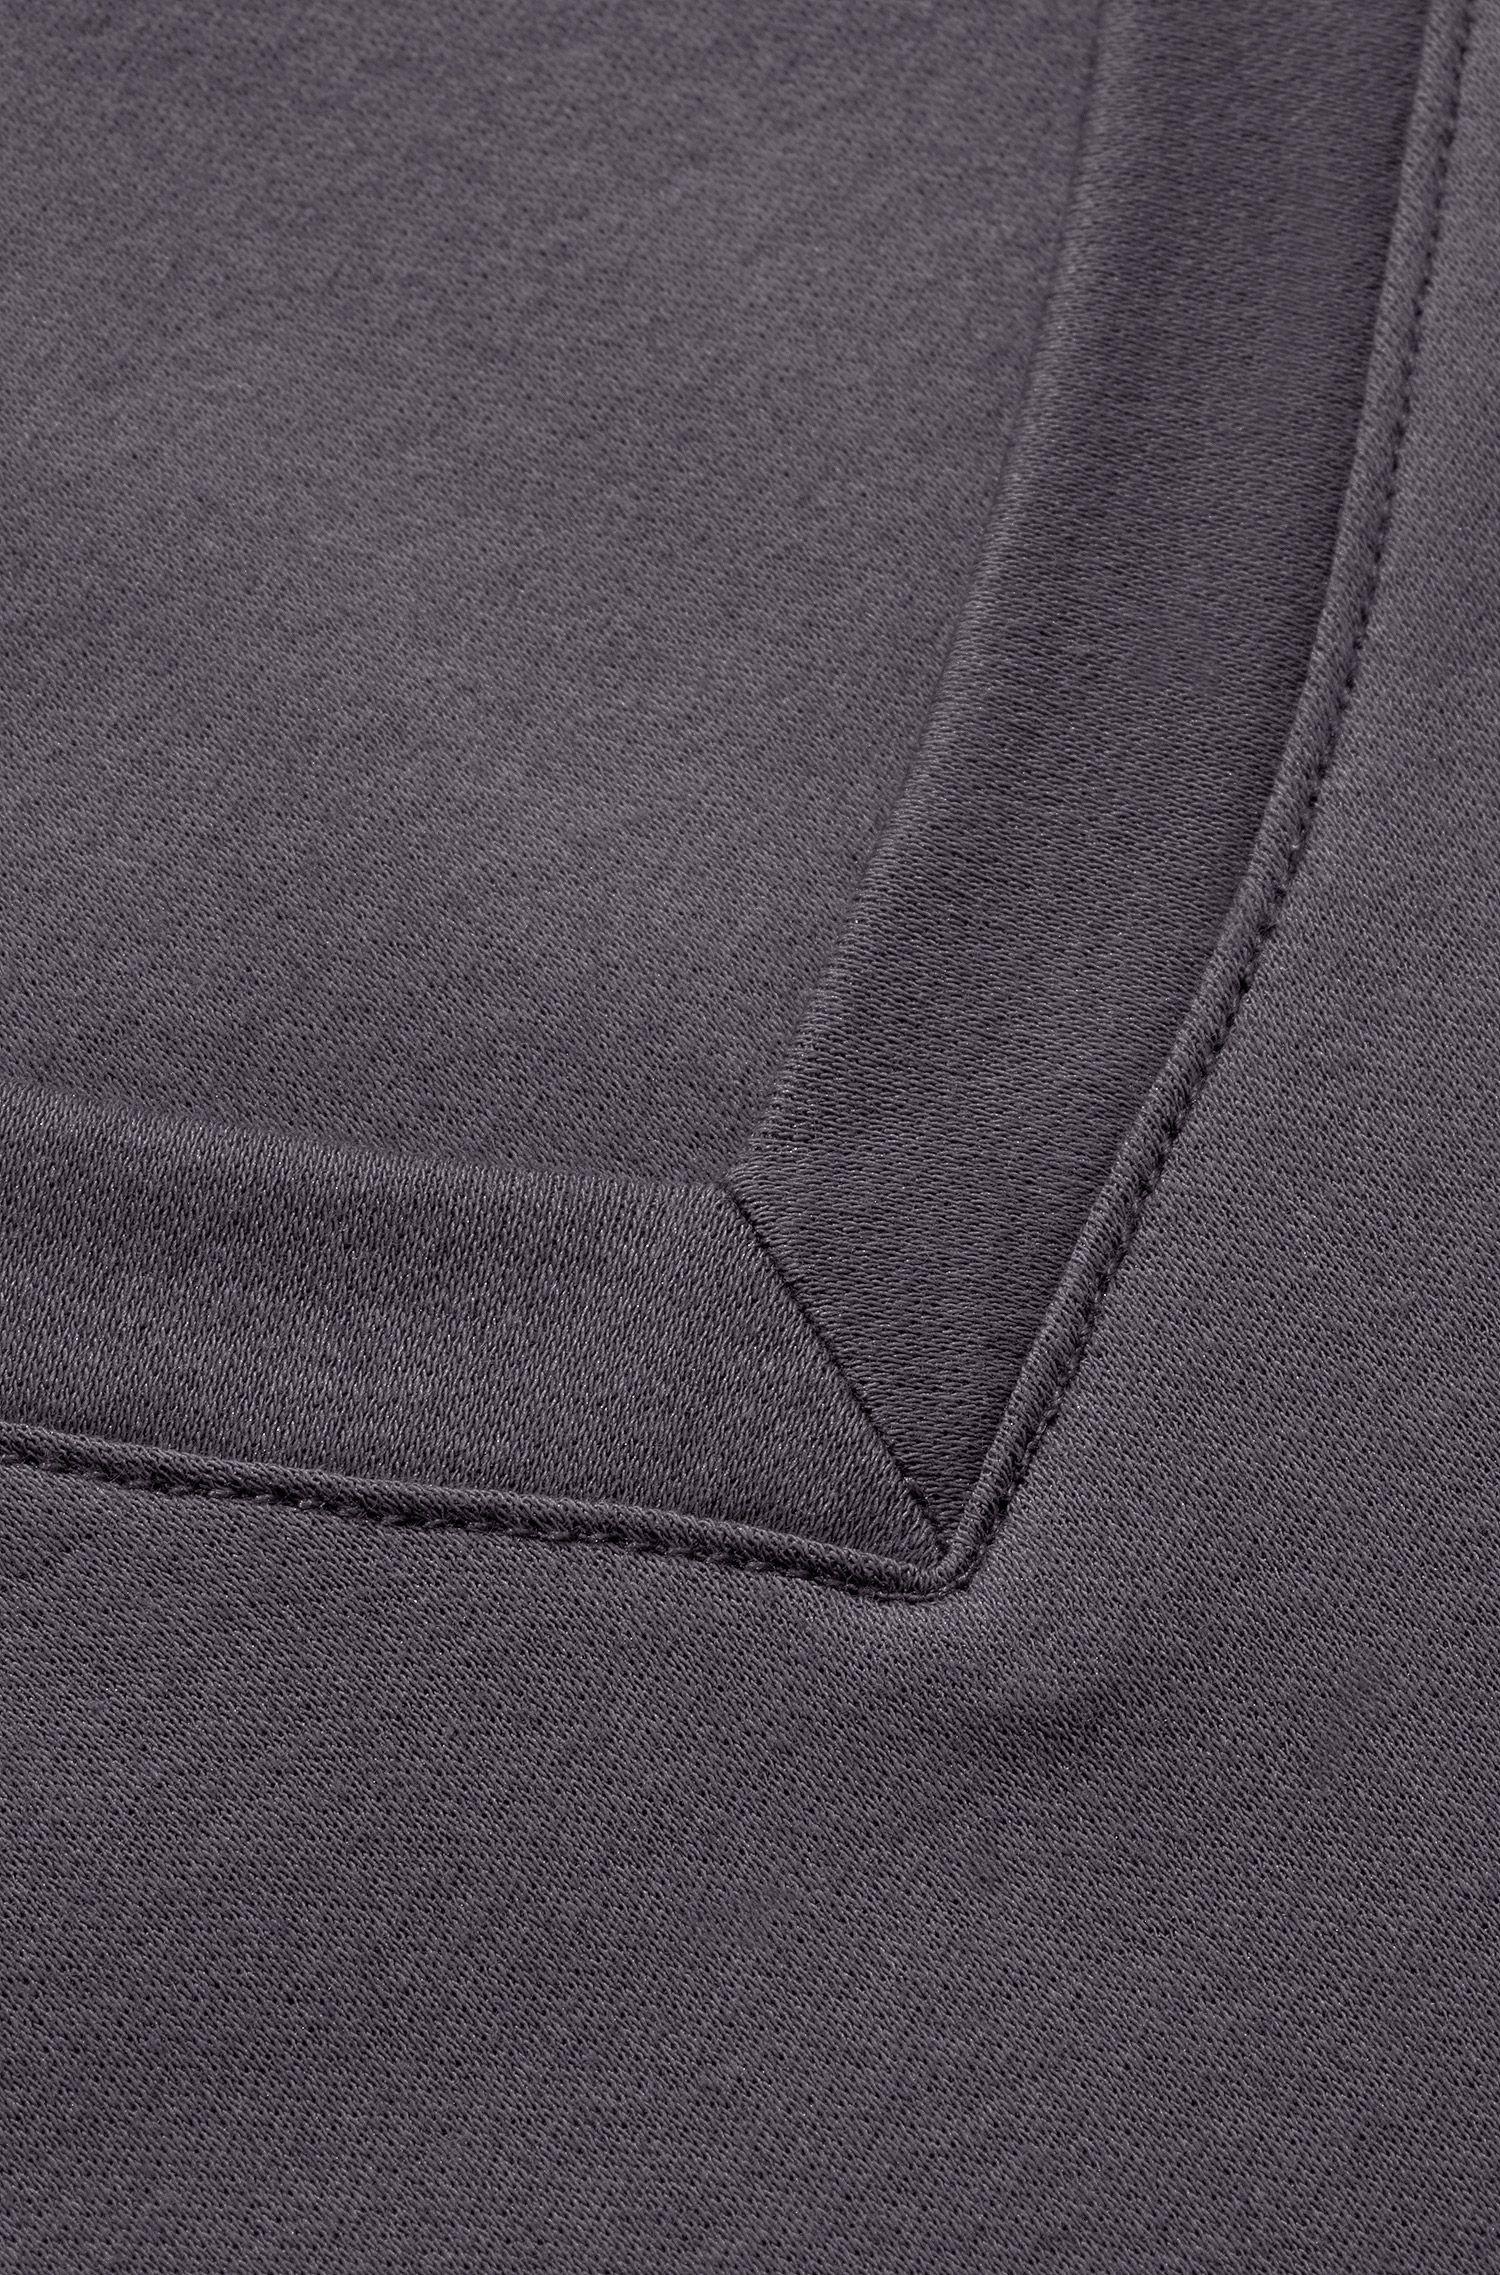 Longsleeve ´Shirt LS VN BM` aus Baumwolle